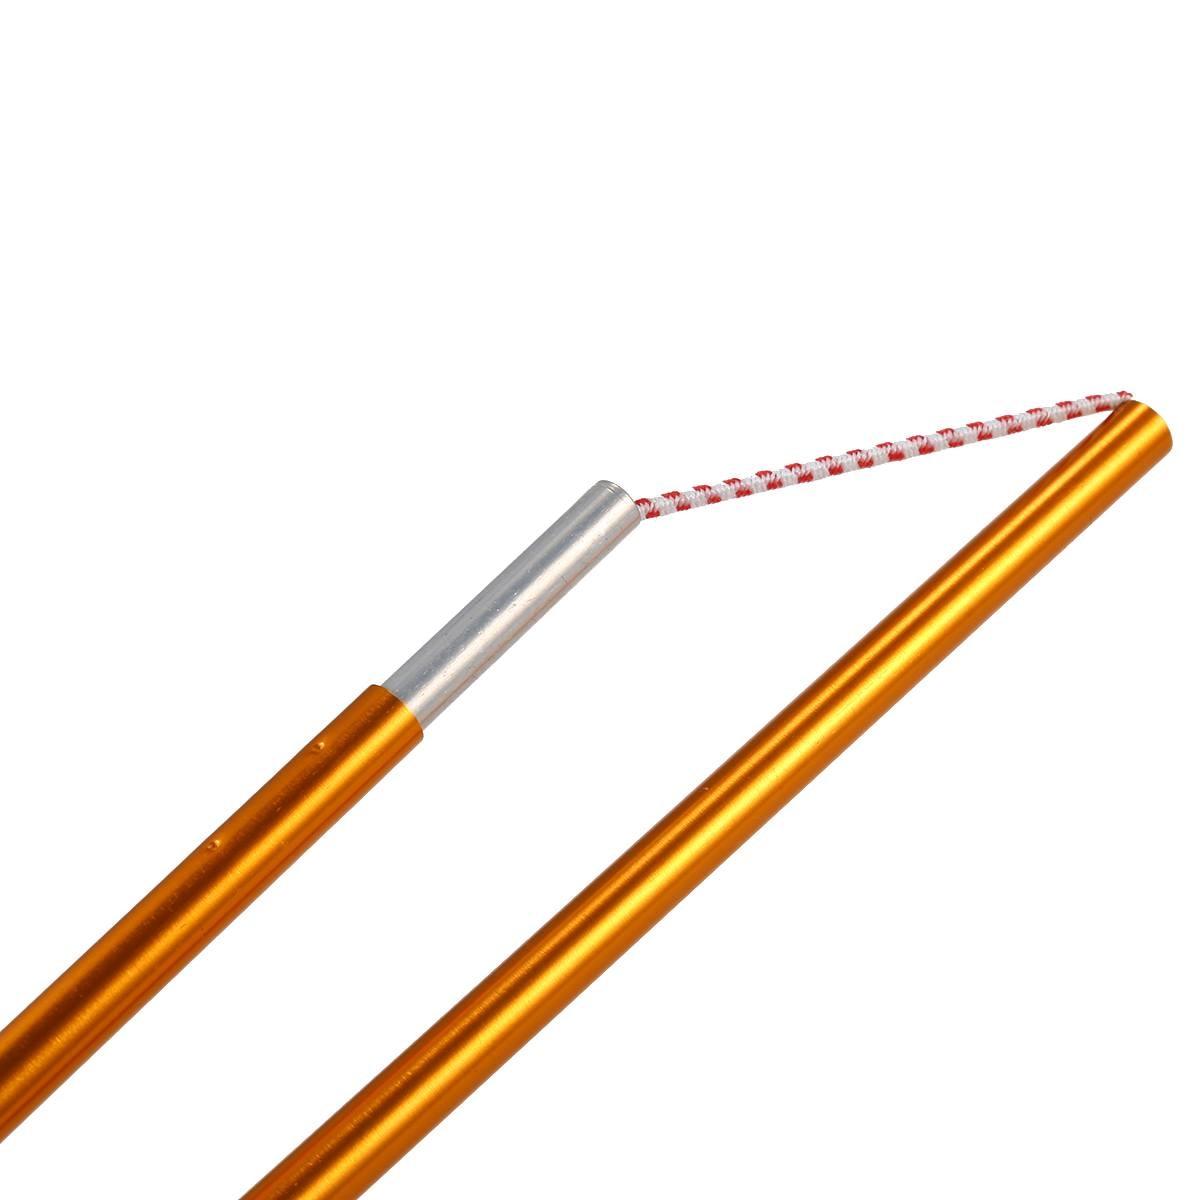 Haste De Alumínio Tenda Pólos ShineTrip 2 Pacote Barra de Liga de Acessórios de Construção Apoio Pólo Vara de Pau Da Barraca Toldo Quadros Kit Para hik